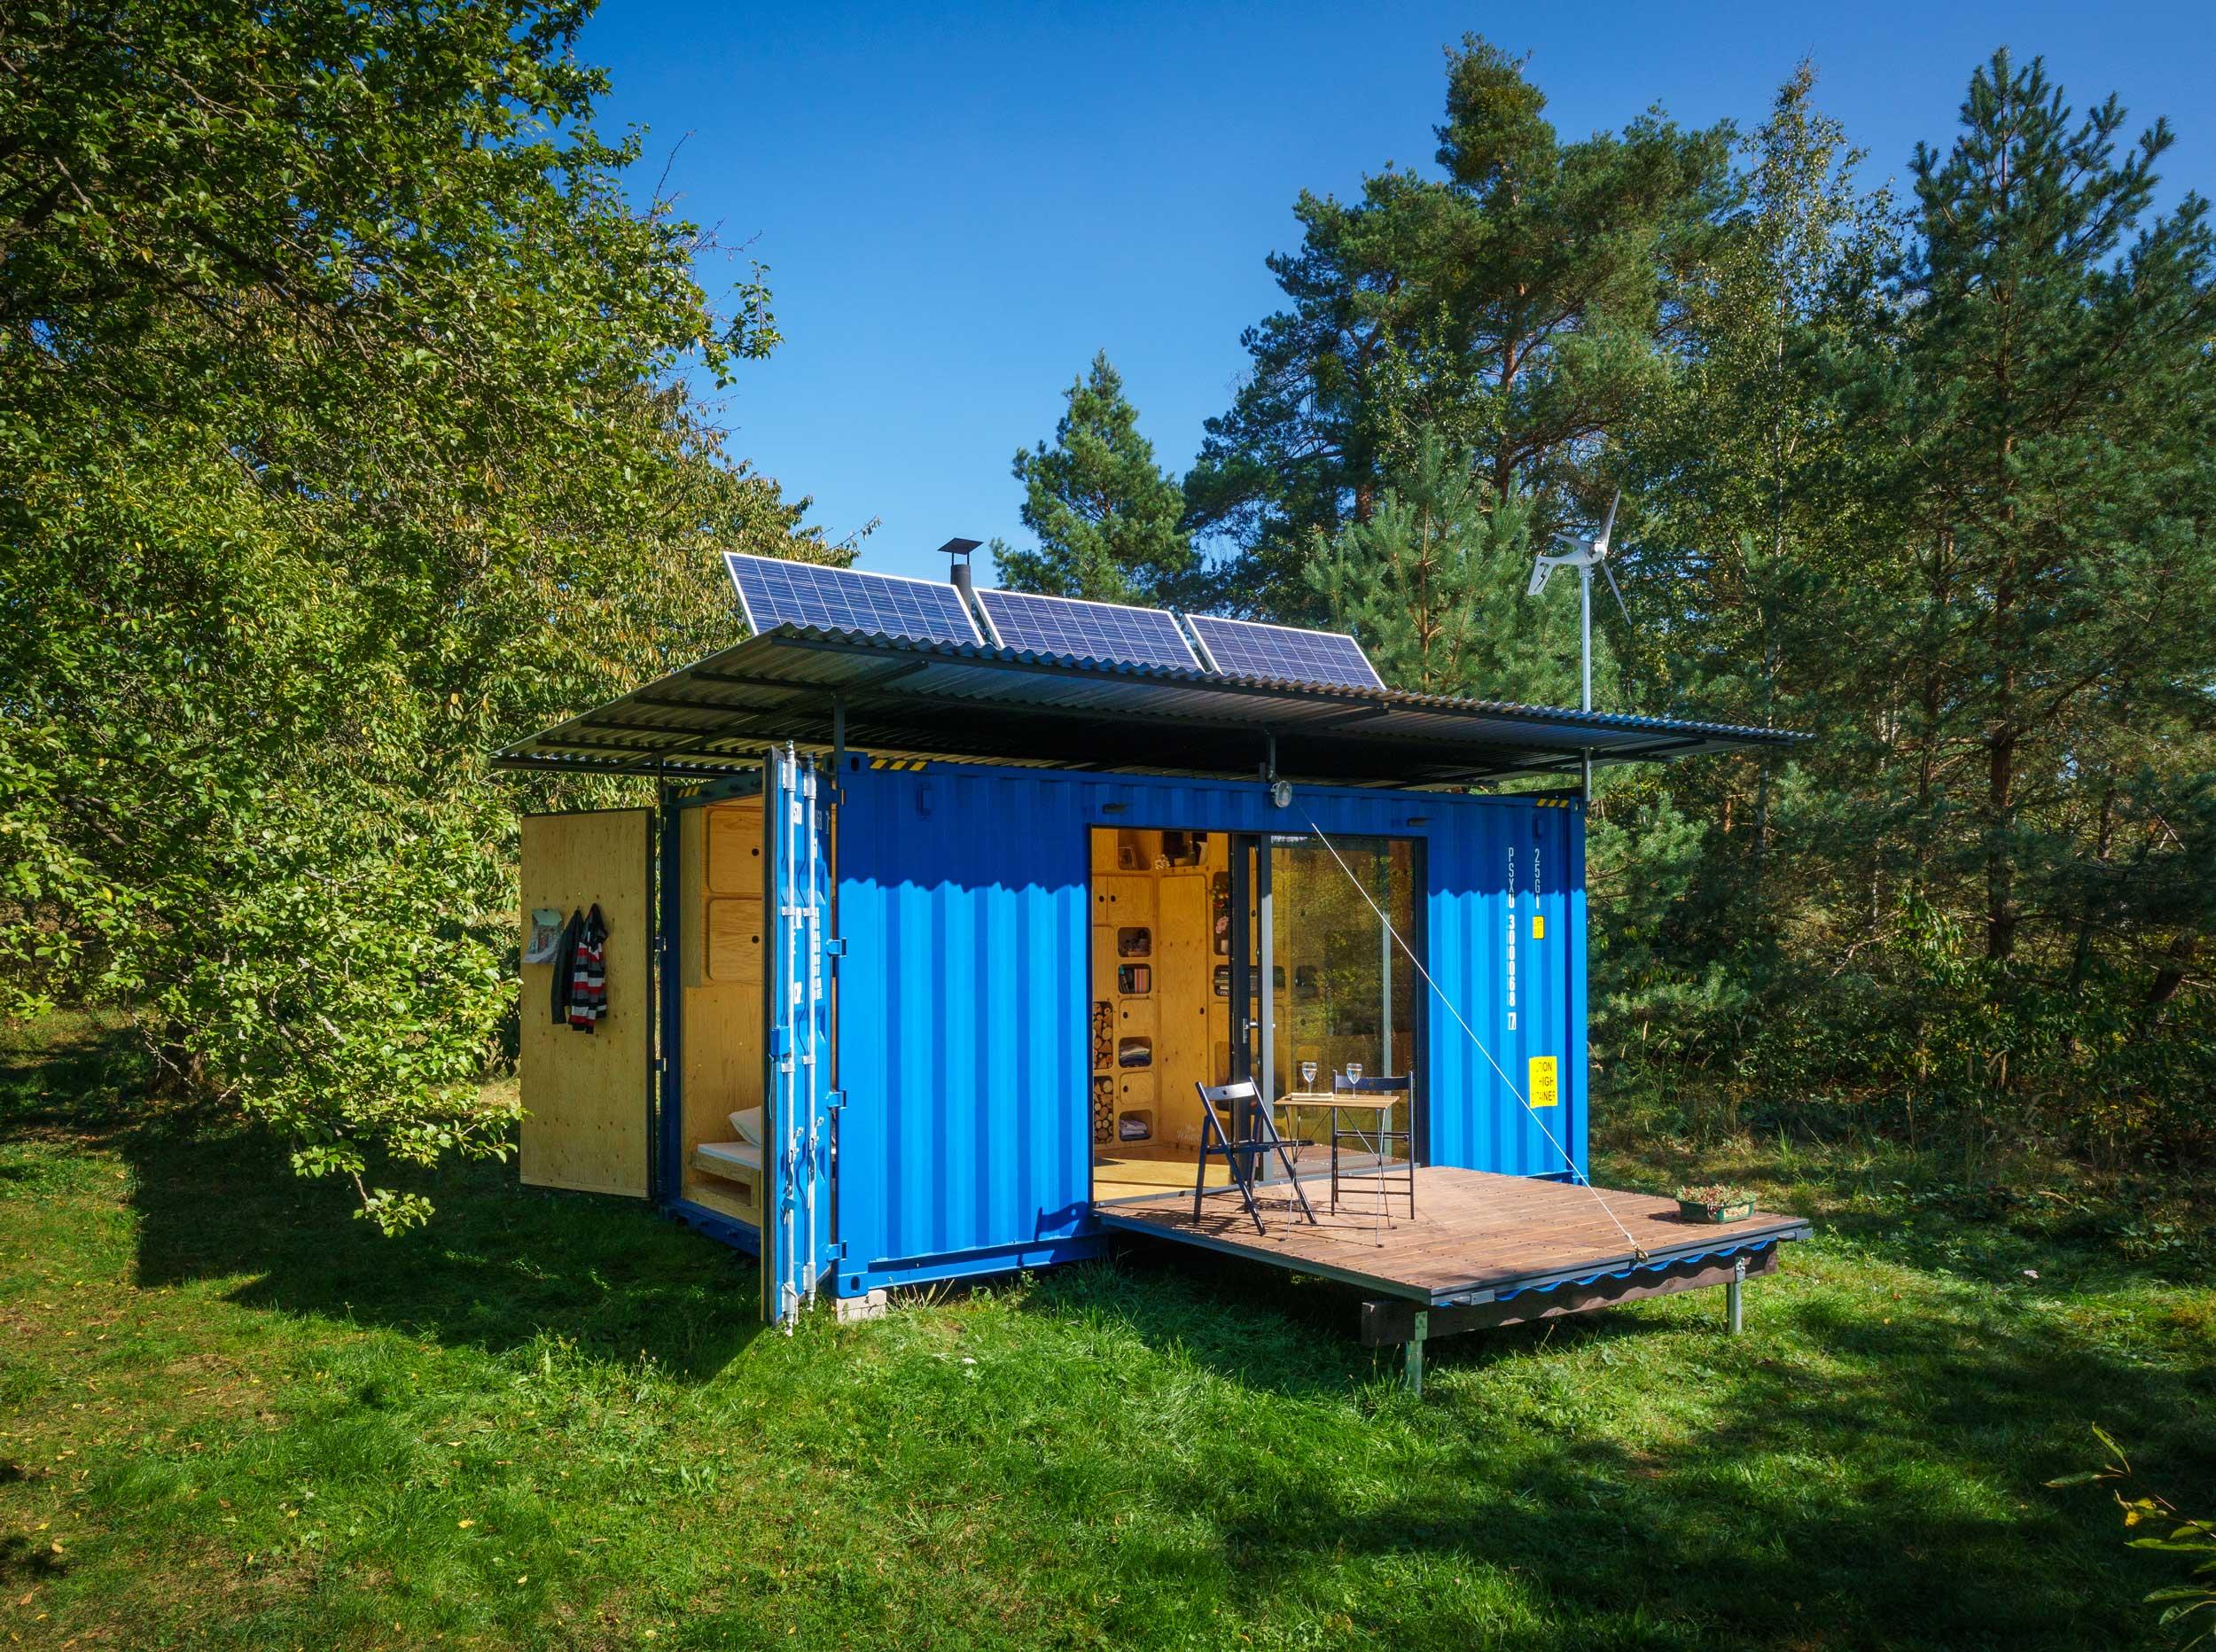 Tiny Container Haus zum selber bauen